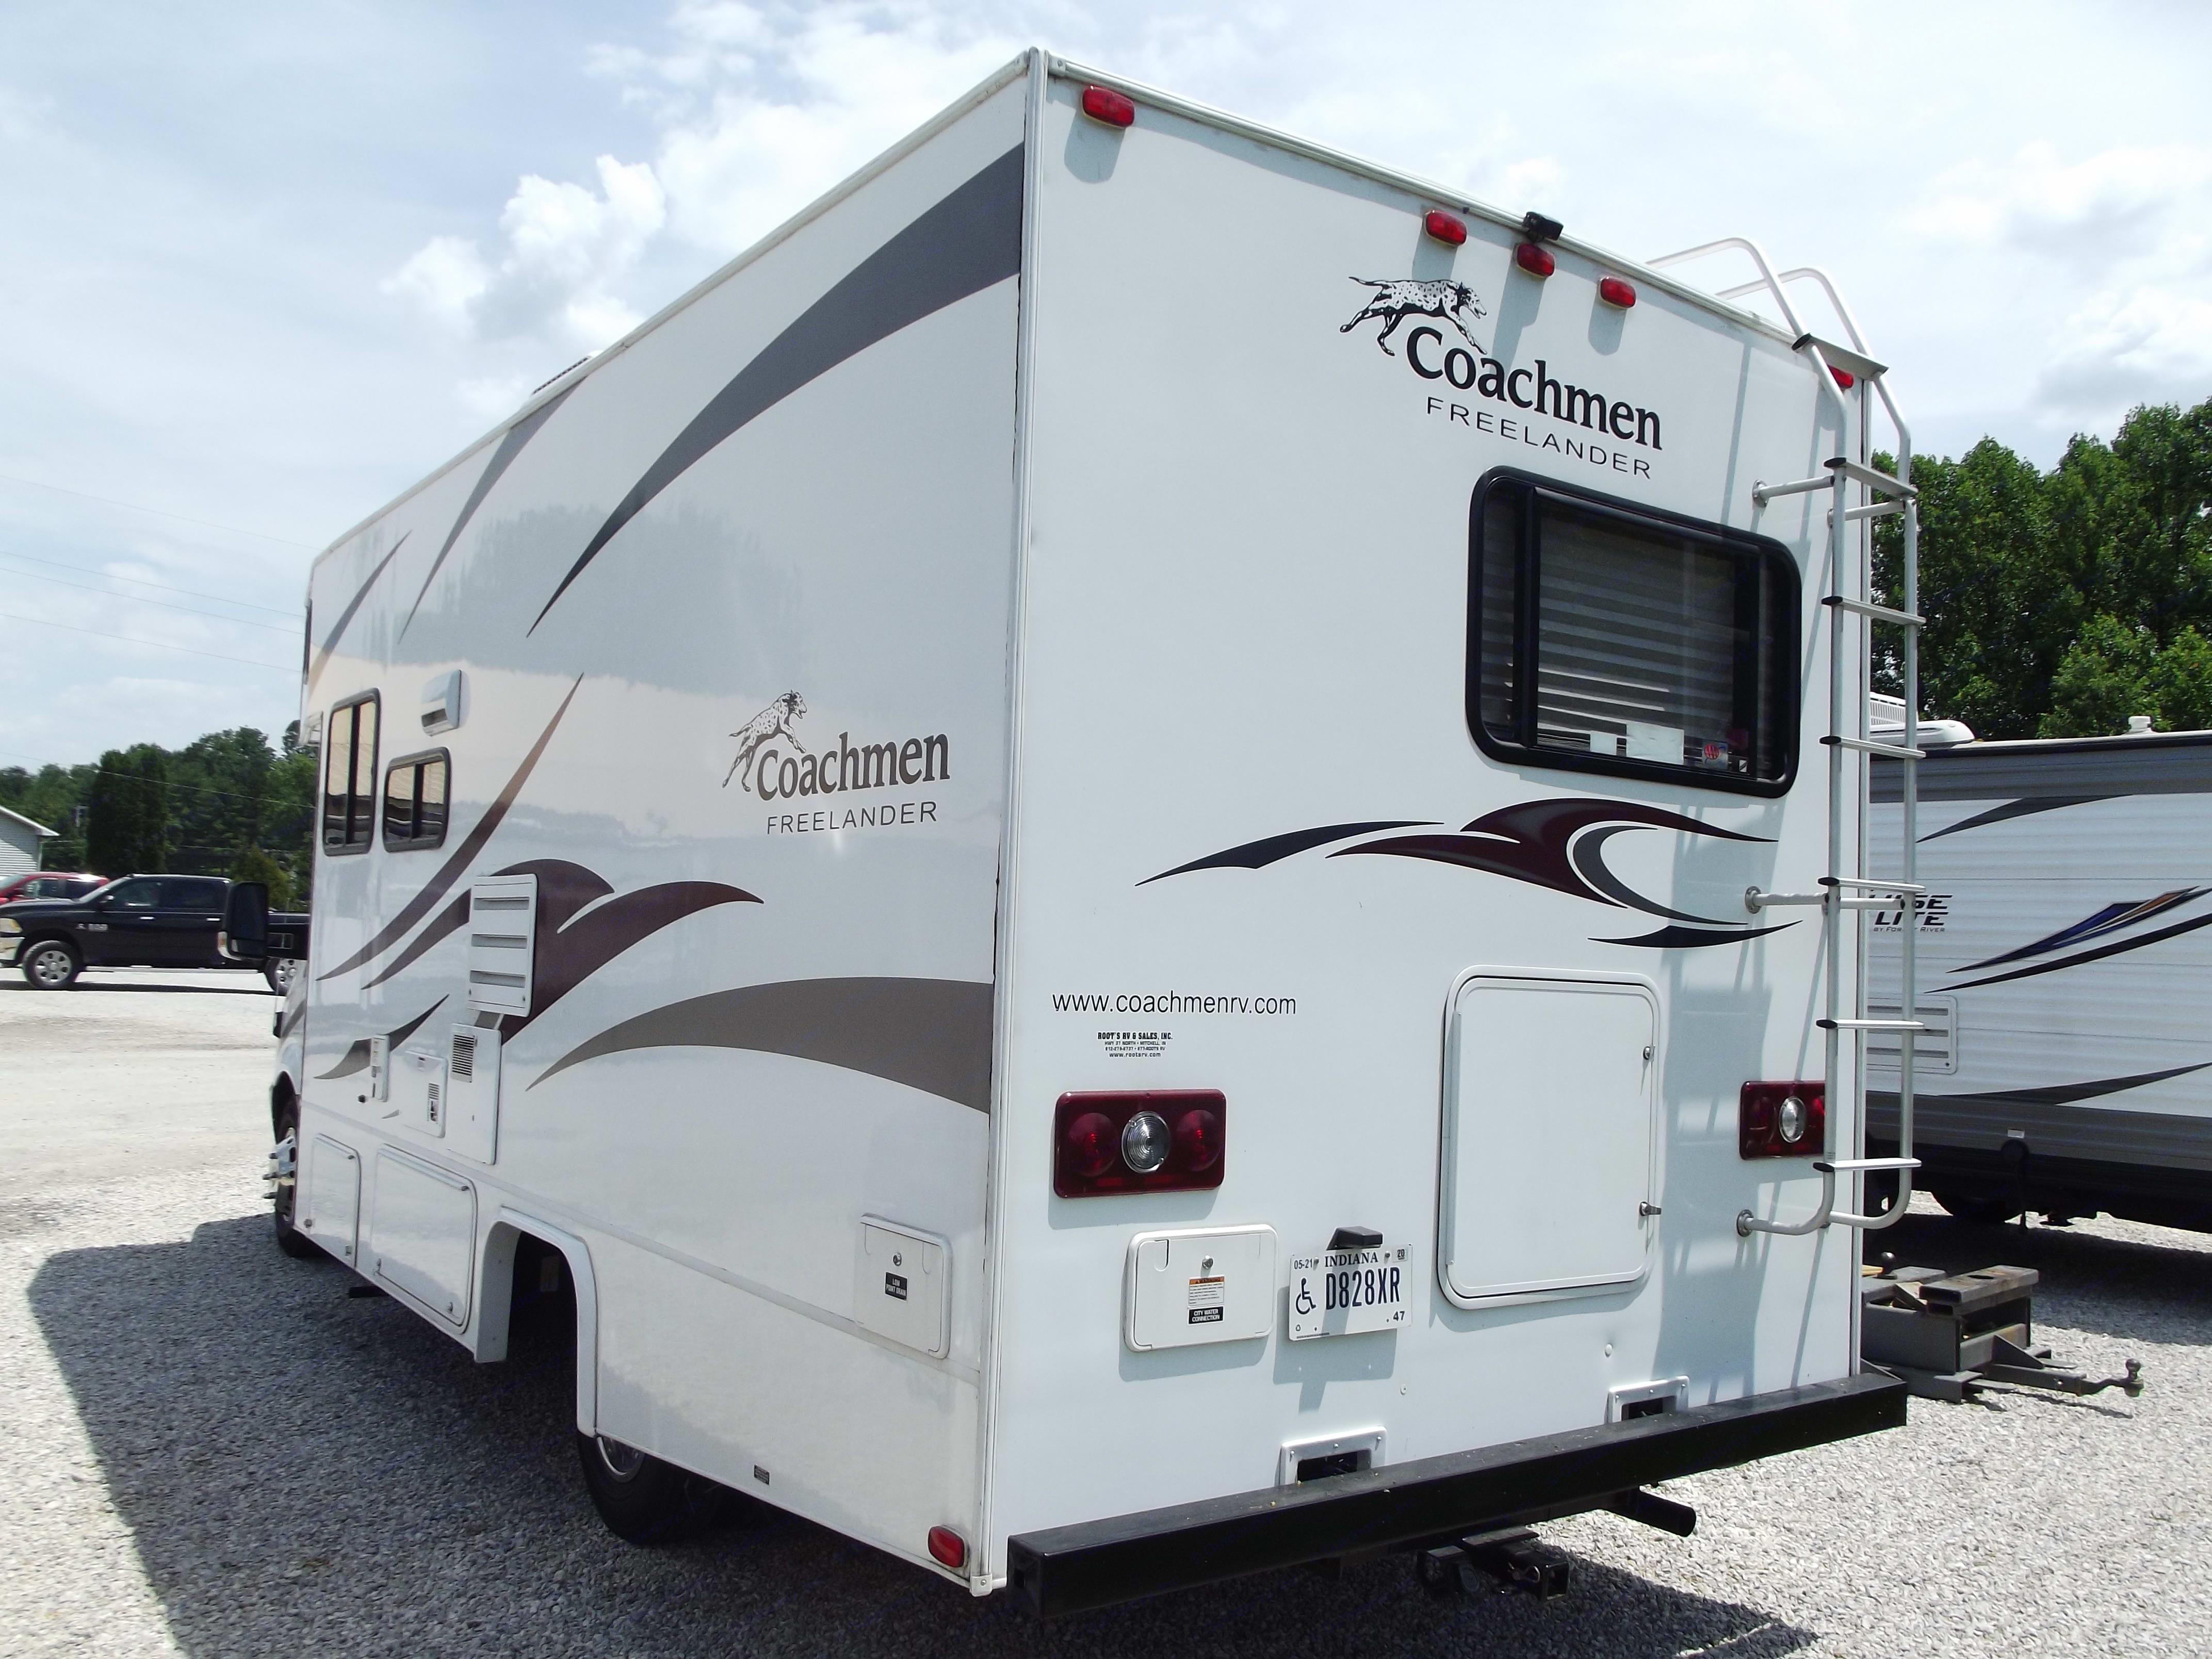 Coachmen Freelander 2011